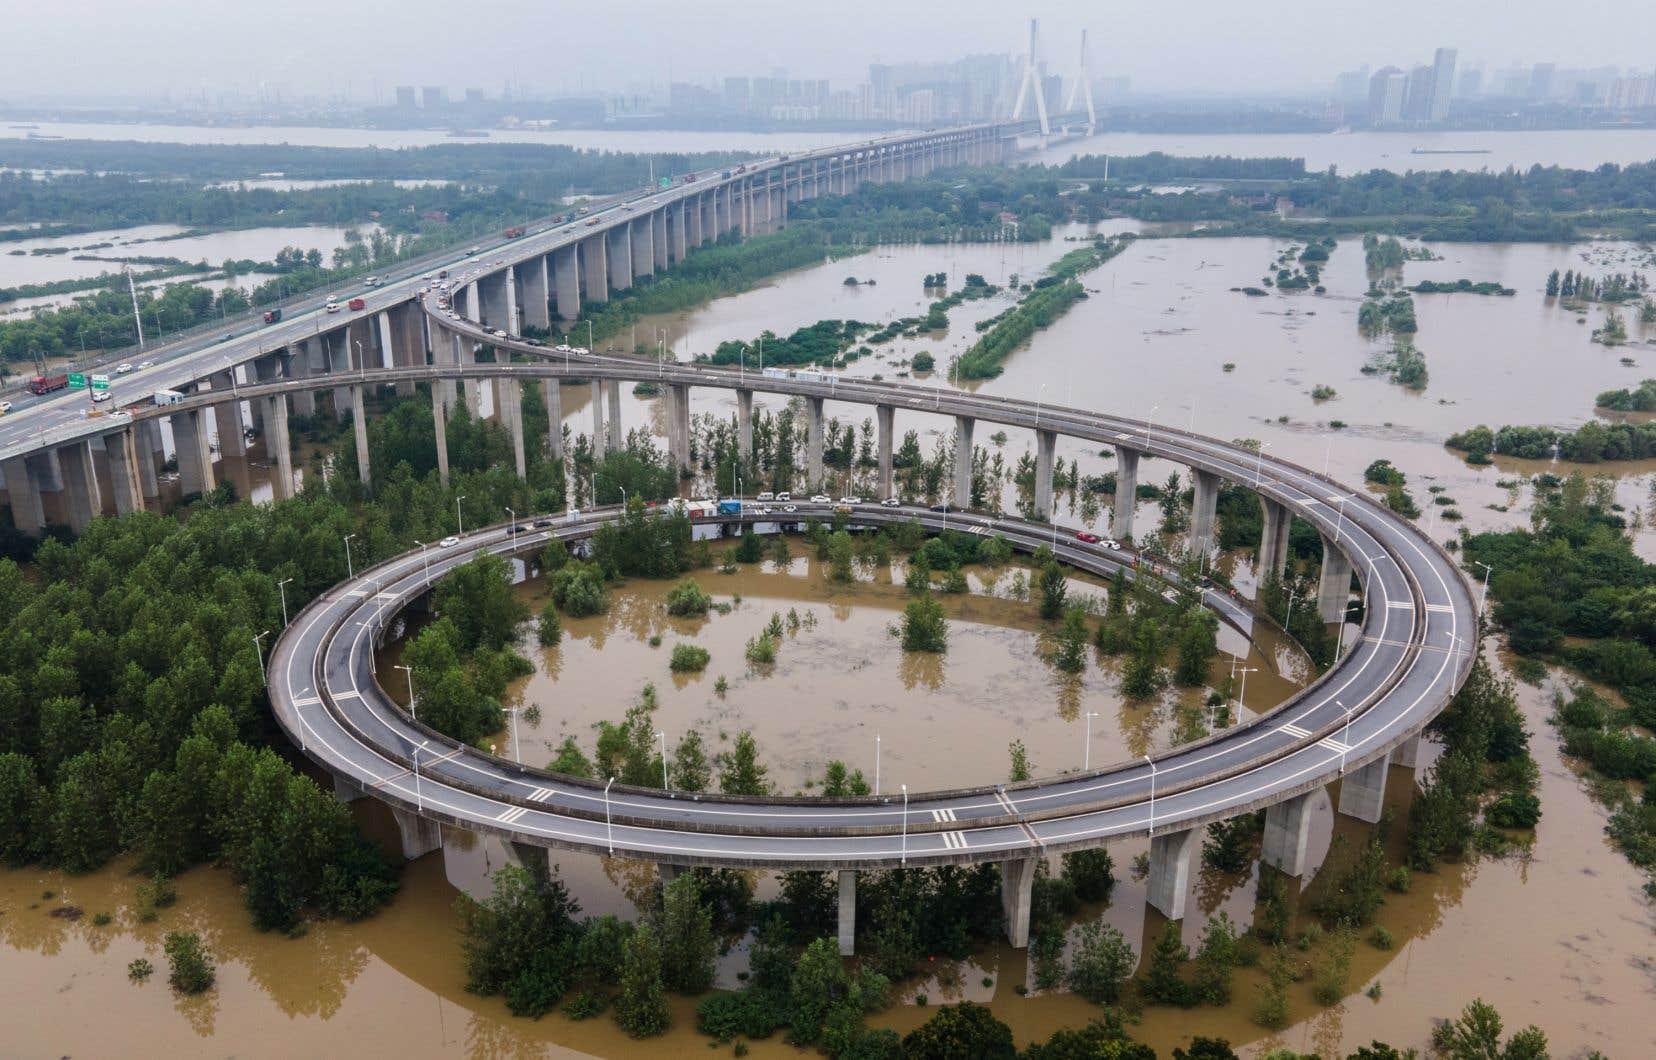 Des pluies récurrentes depuis juin ont inondé de vastes zones de la moitié sud du pays.